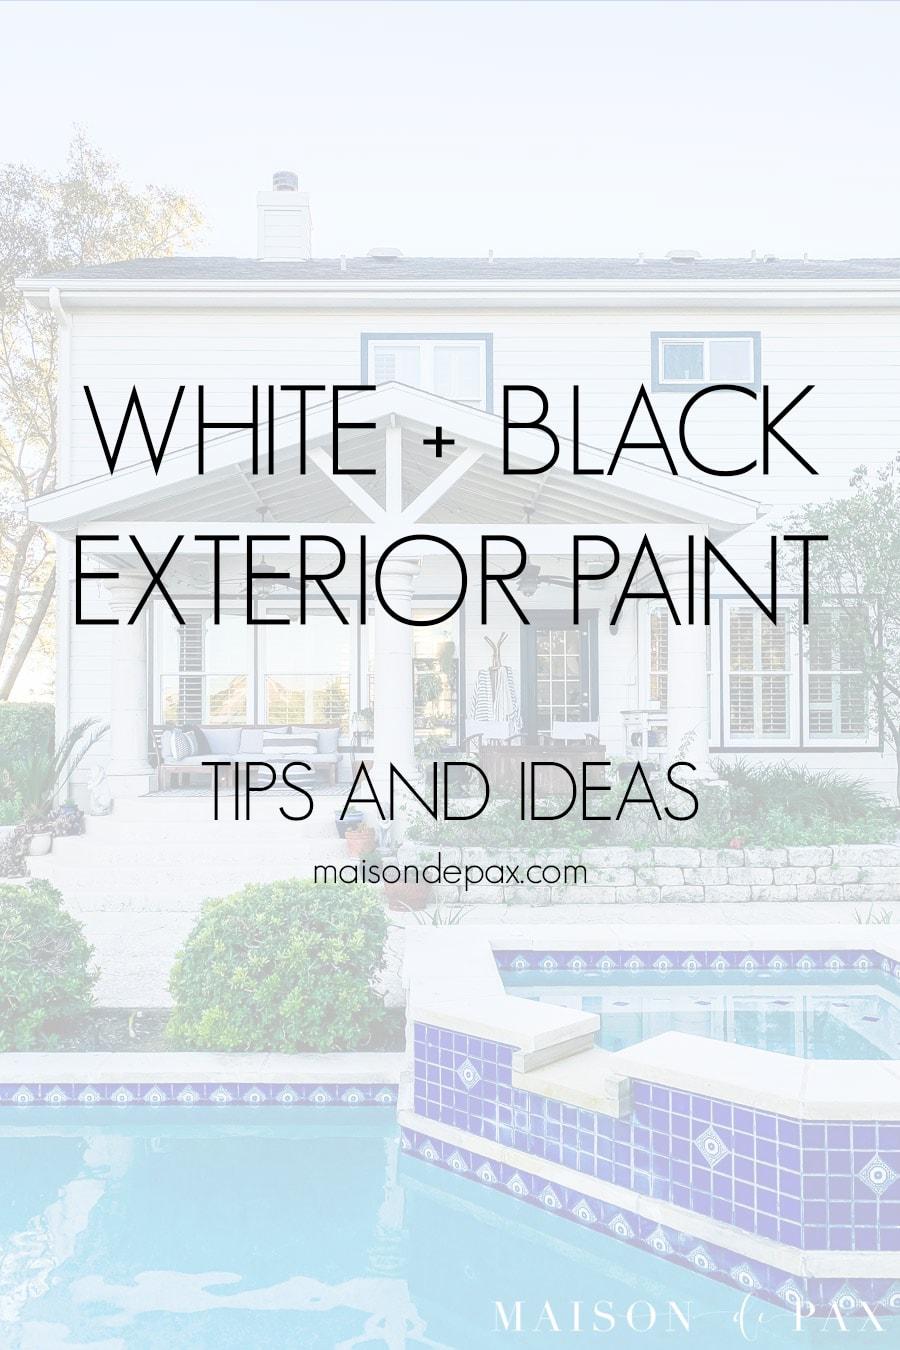 white + black exterior paint tips and ideas | Maison de Pax